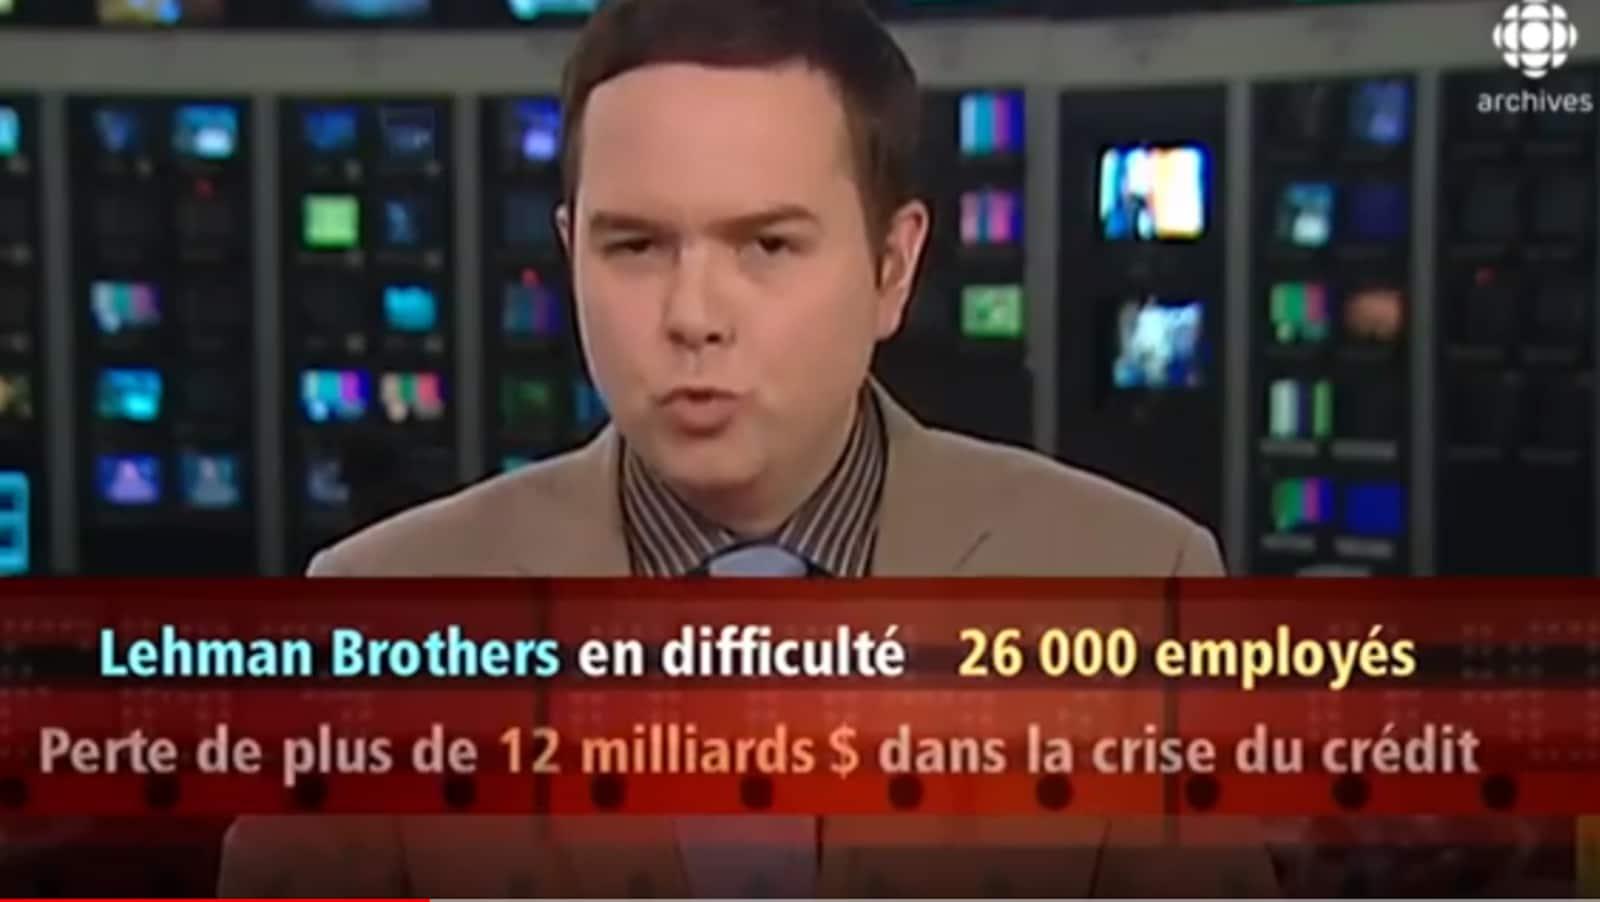 Le journaliste Gérald Fillion devant un mur d'écrans explique l'impact de la faillite de la banque Lehman Brothers.